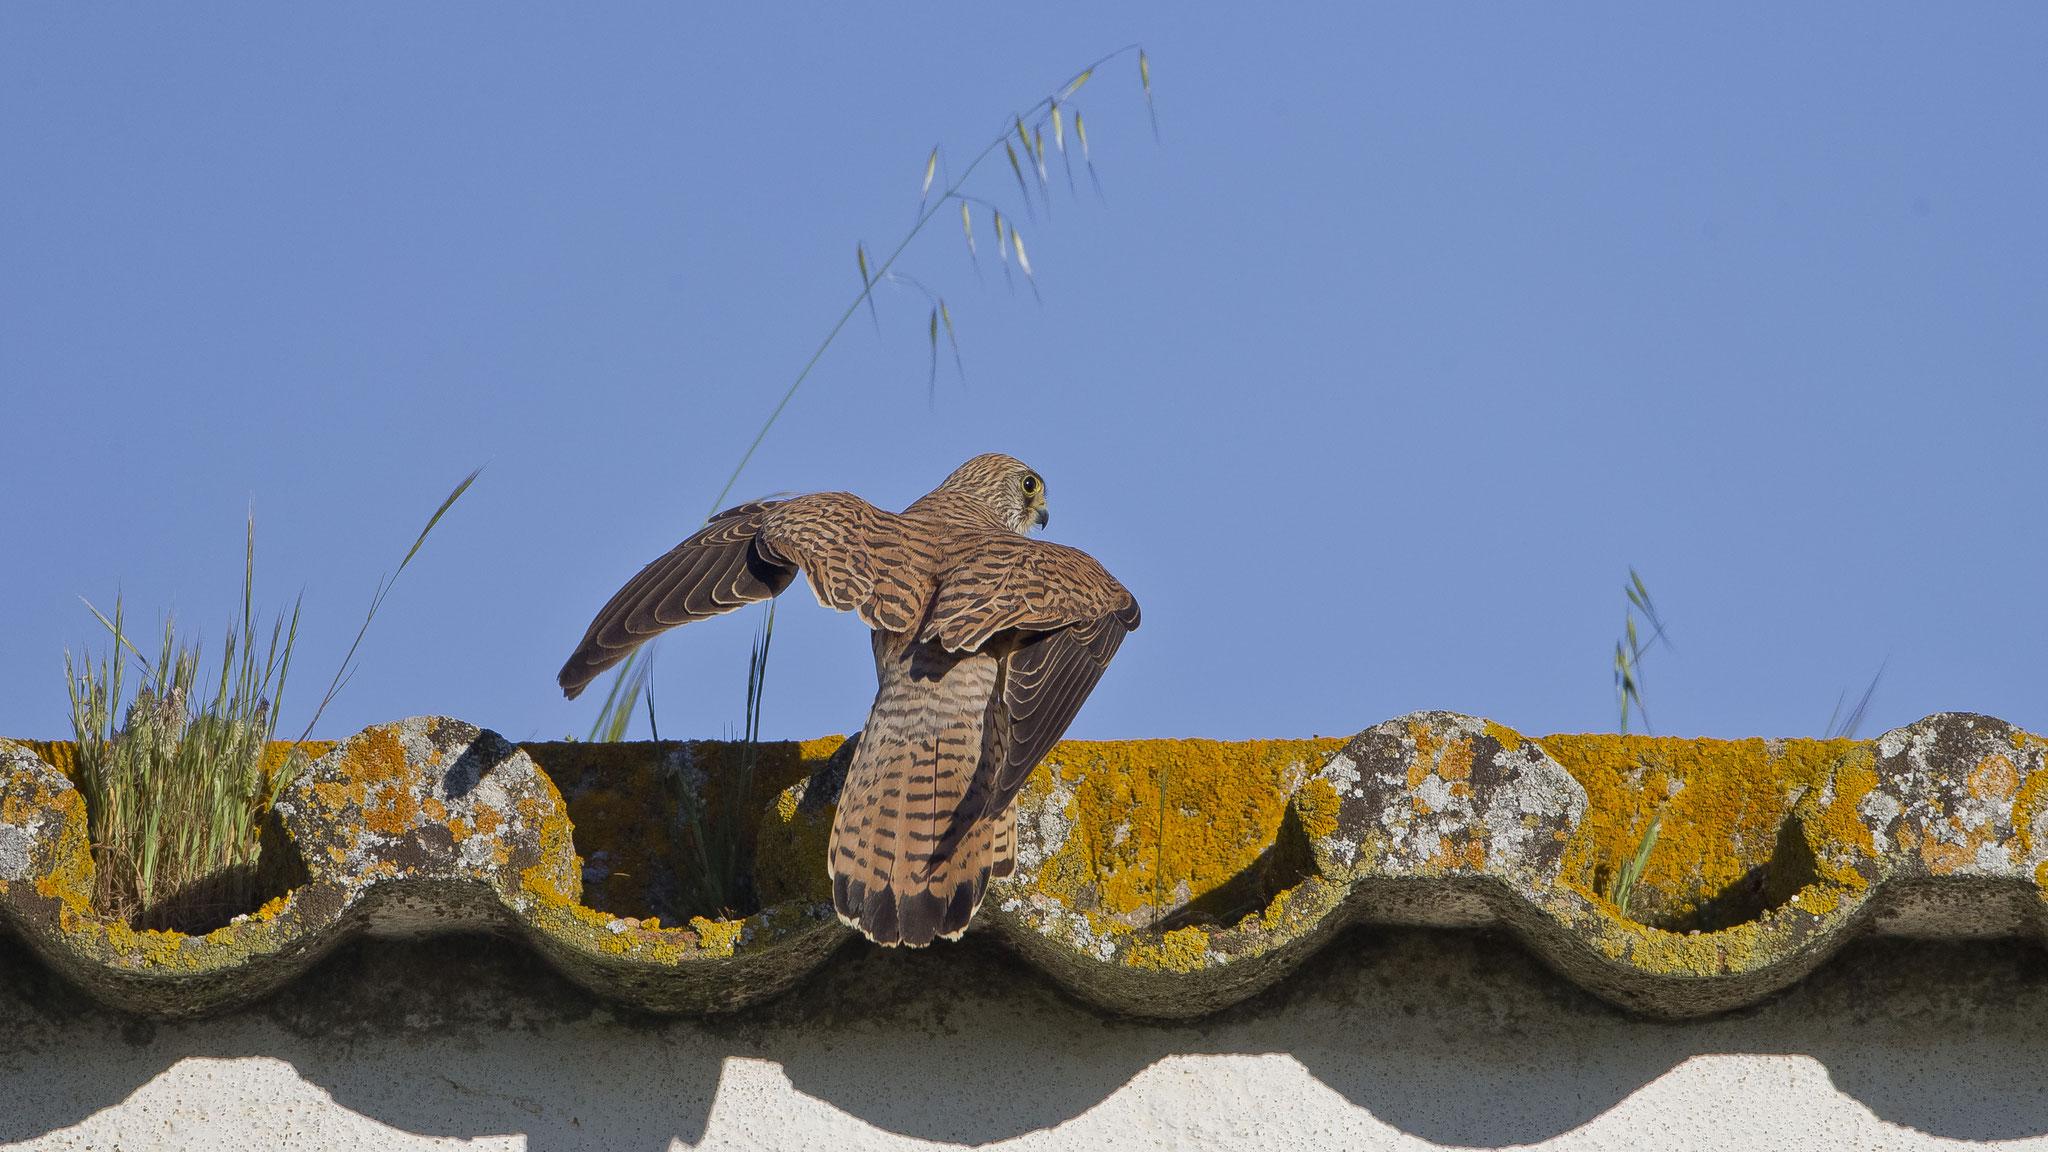 Das Gebäude beherbergt eine grössere Brutkolonie von Rötelfalken - daher auch ein Paradies für Vogelfotografen!